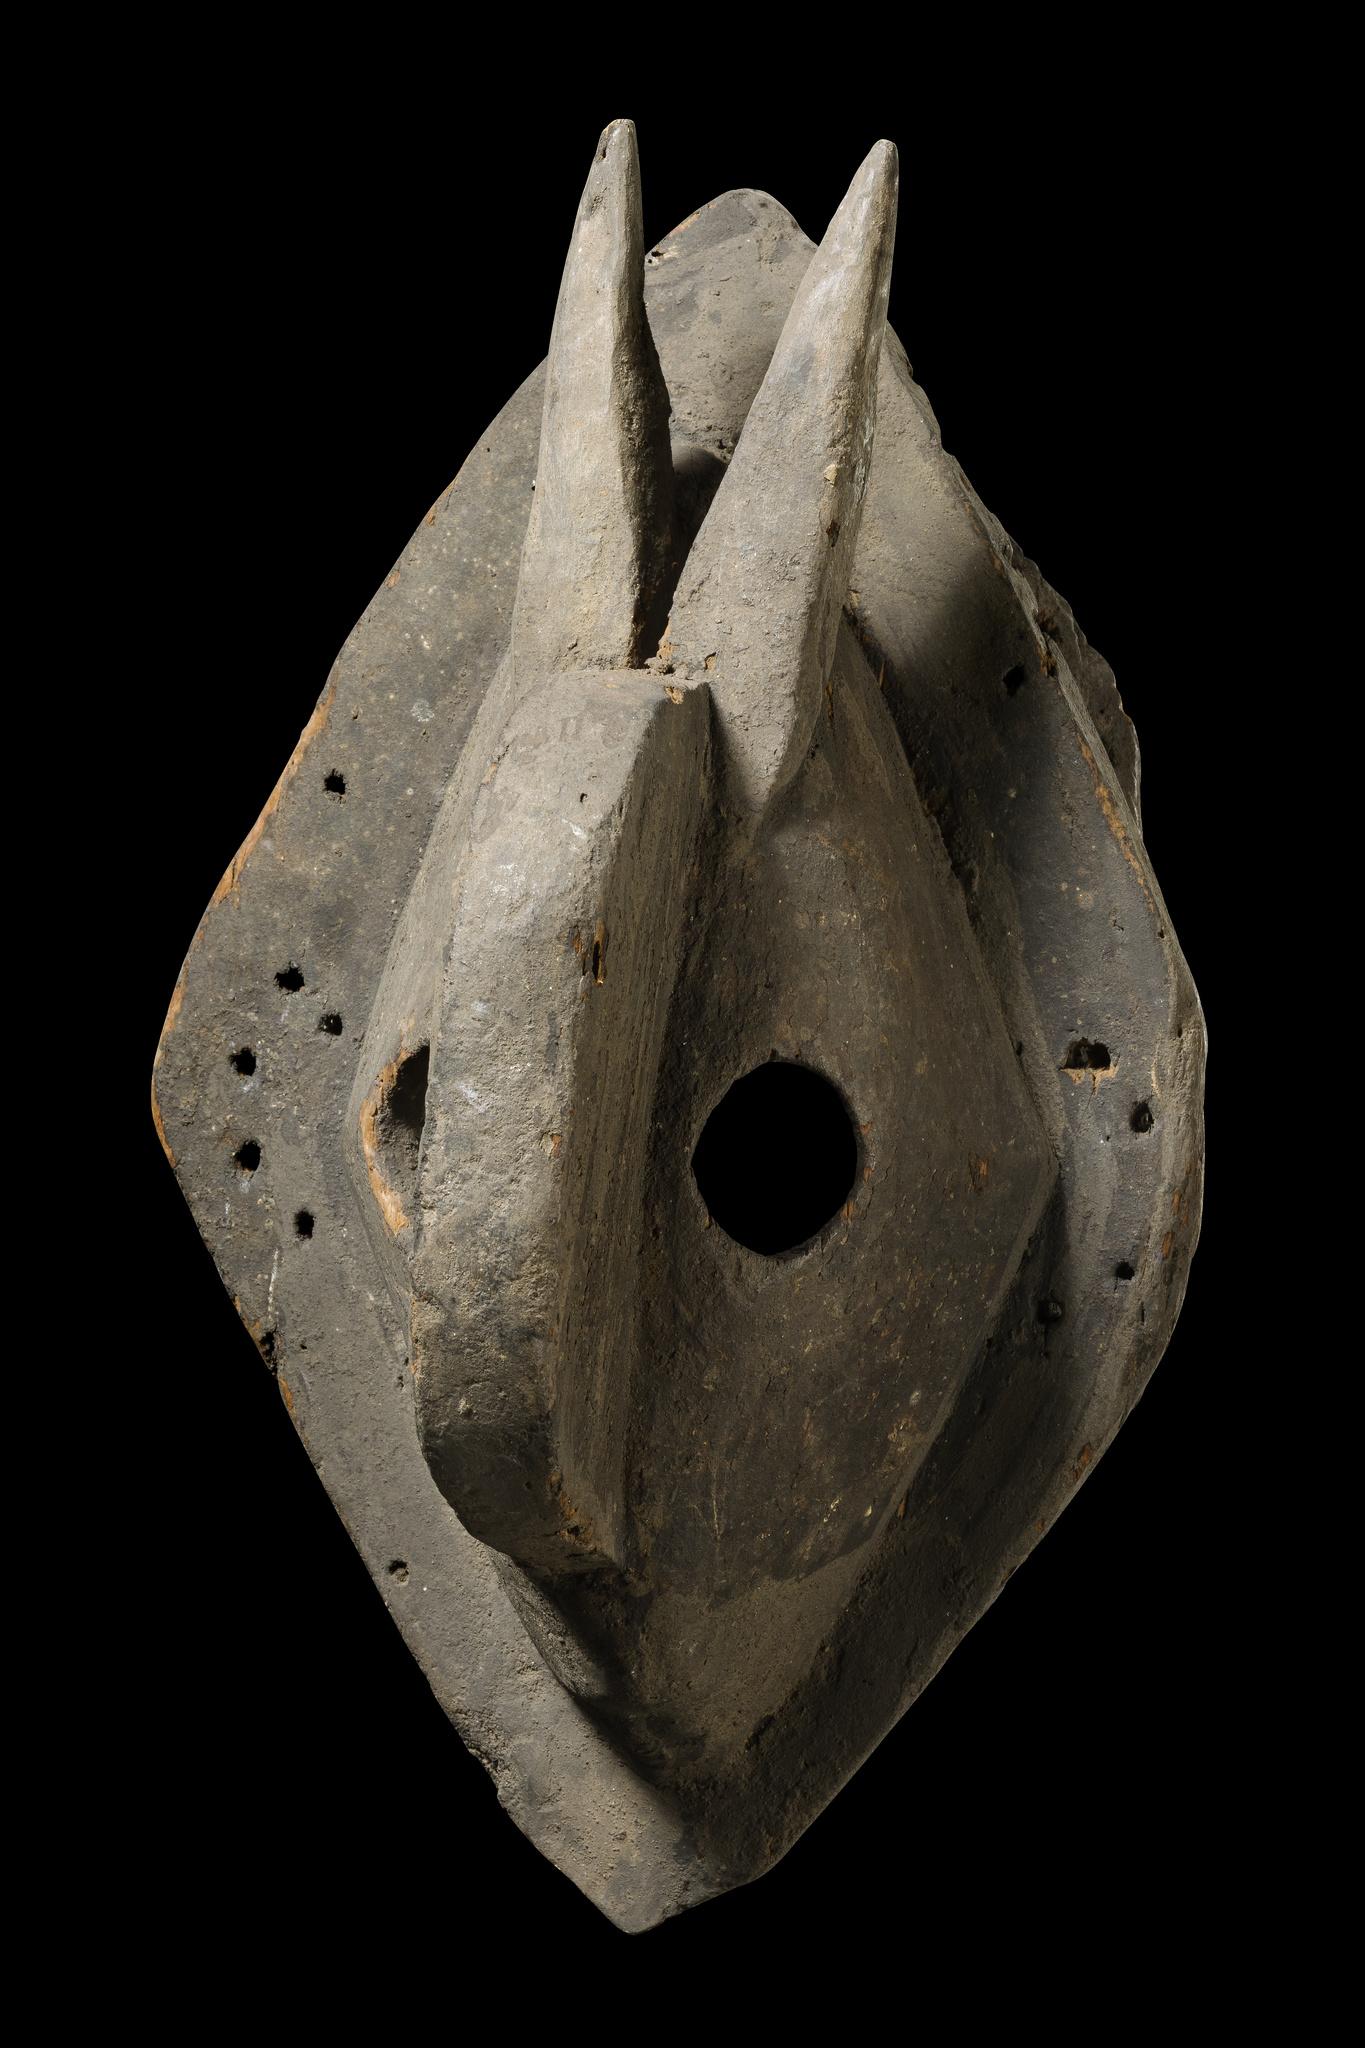 Maske mit spitzen Hörnern